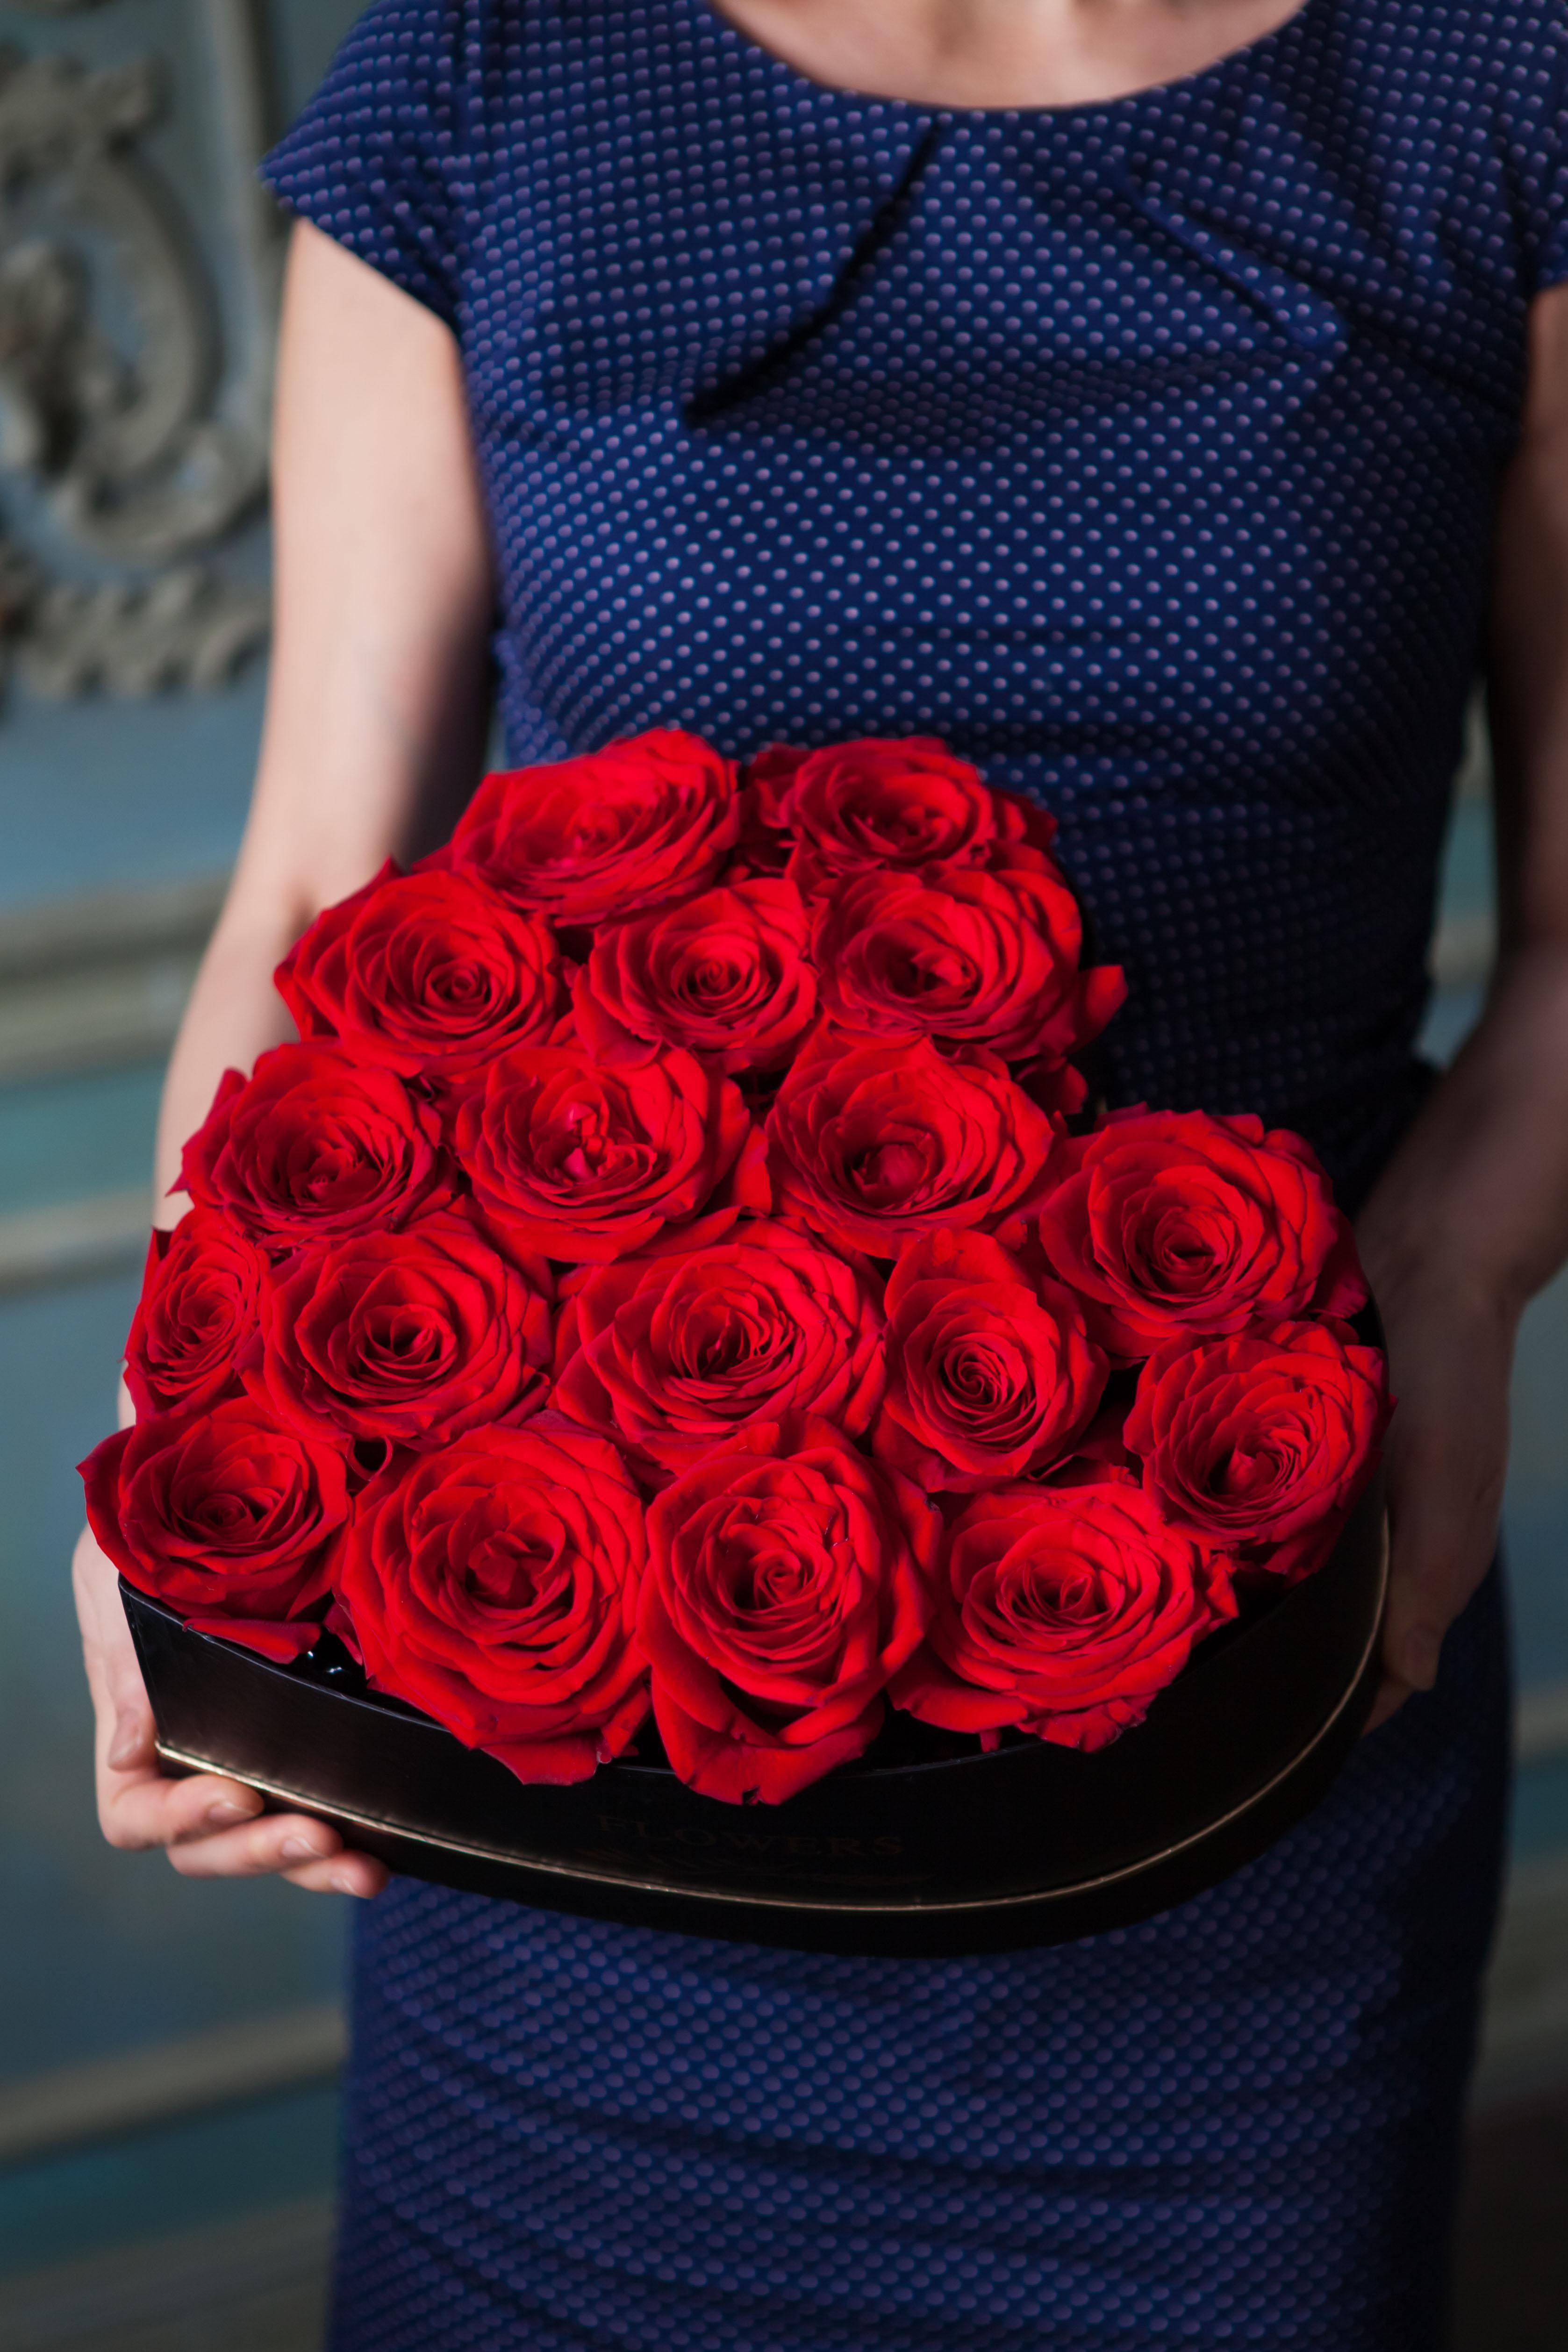 Сердце из красных роз в коробке